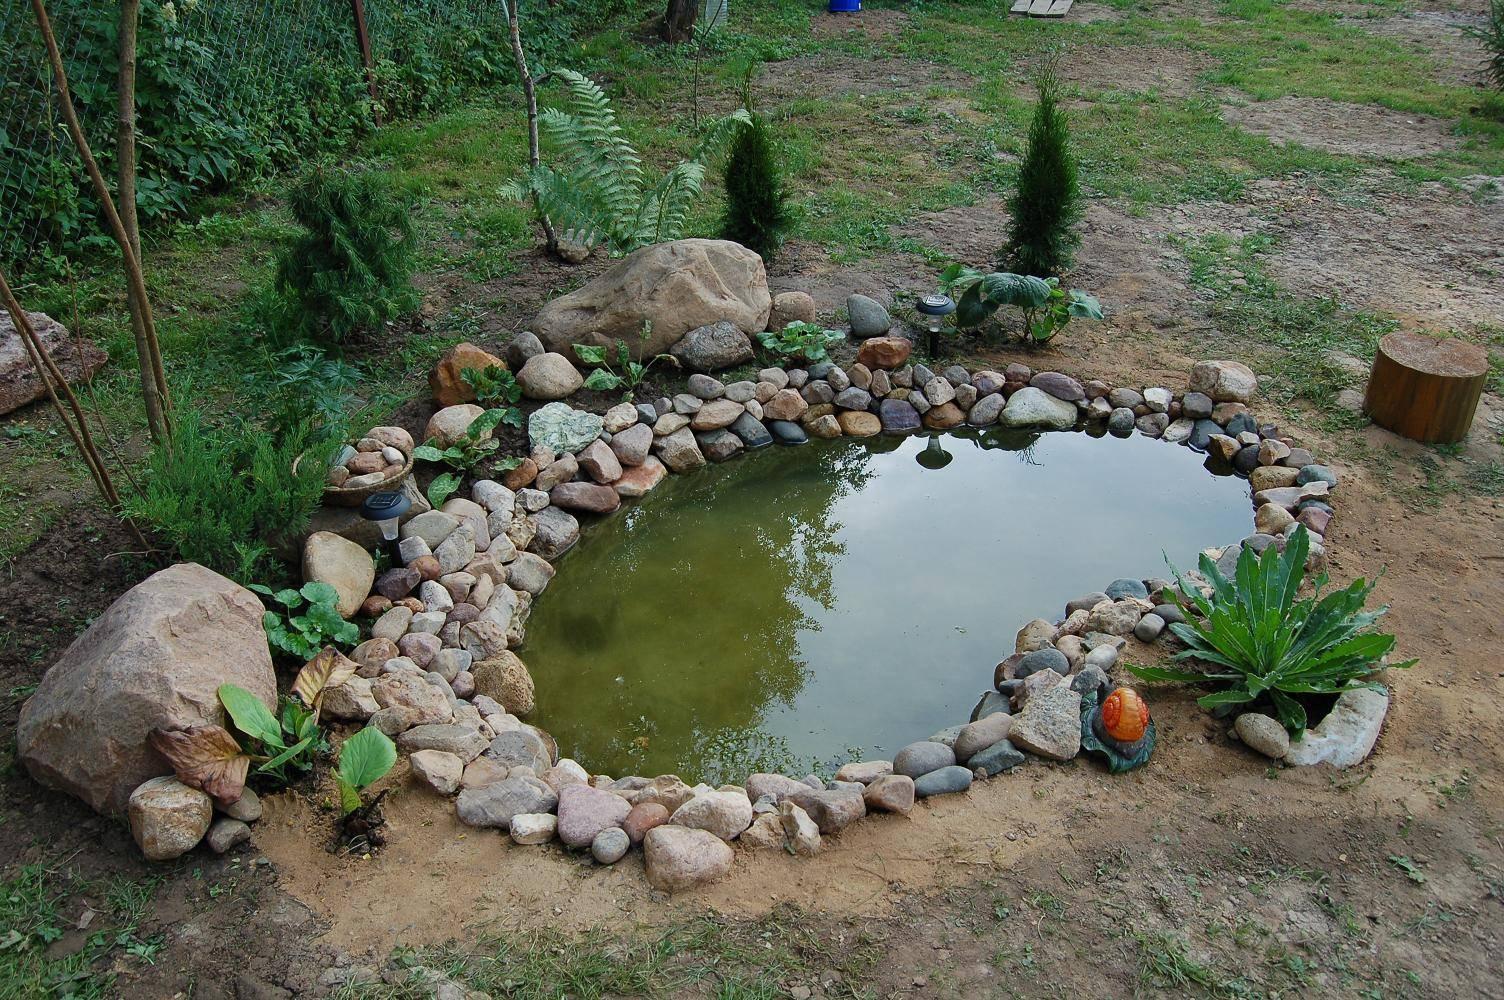 Делаем декоративный пруд на даче своими руками: идеи и пошаговая инструкция